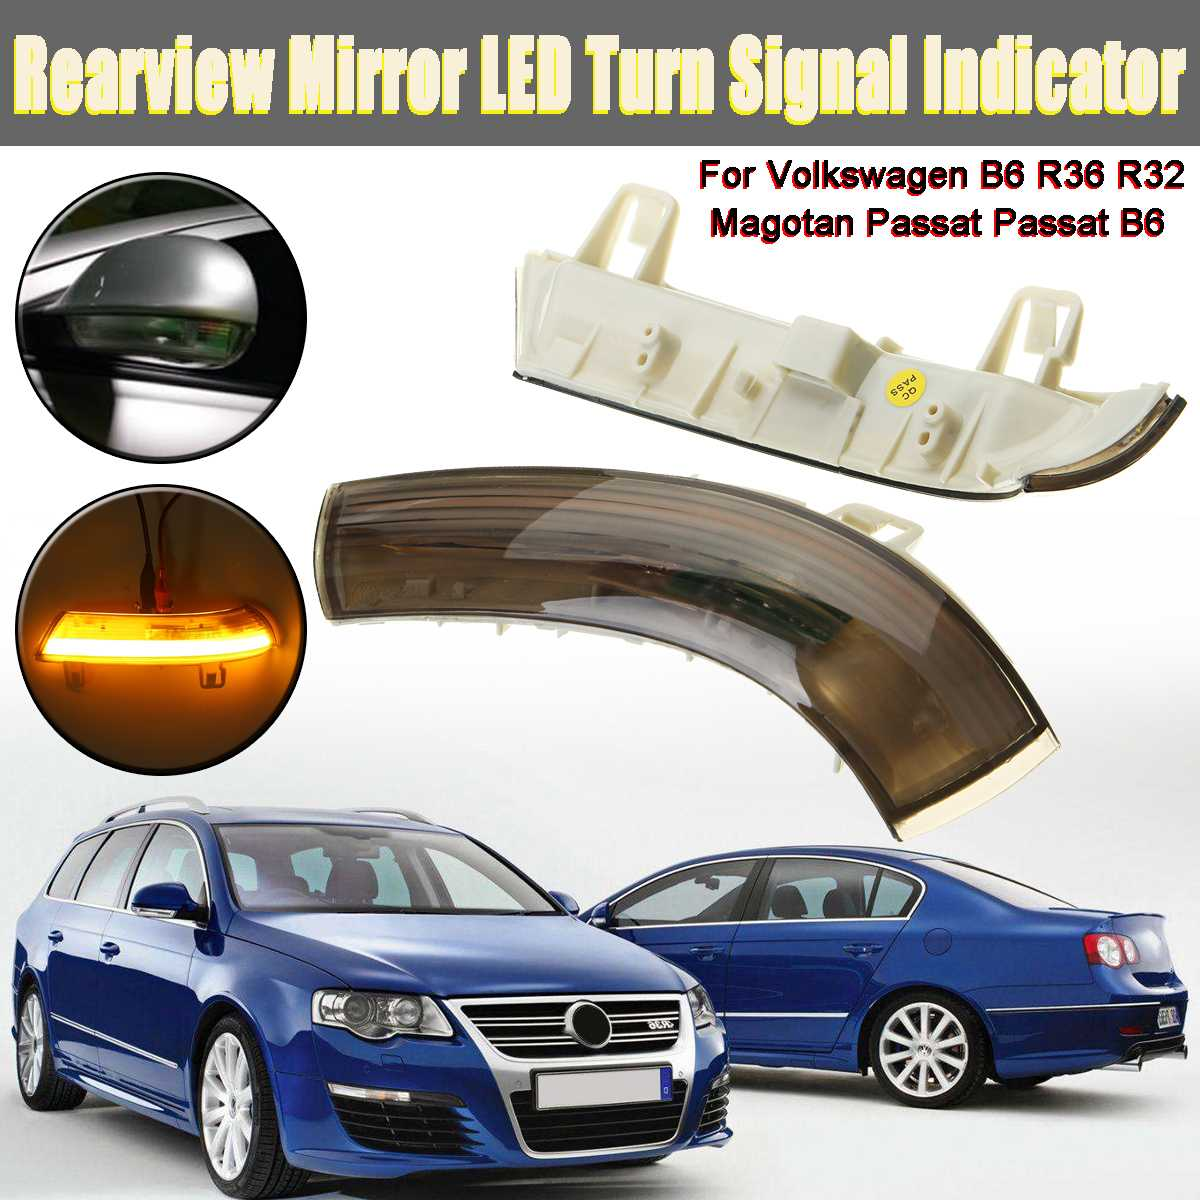 13.5 V LED voiture rétroviseur lampe indicateur clignotant porte Logo lumières pour Volkswagen B6 R32 Magotan Passat Passat